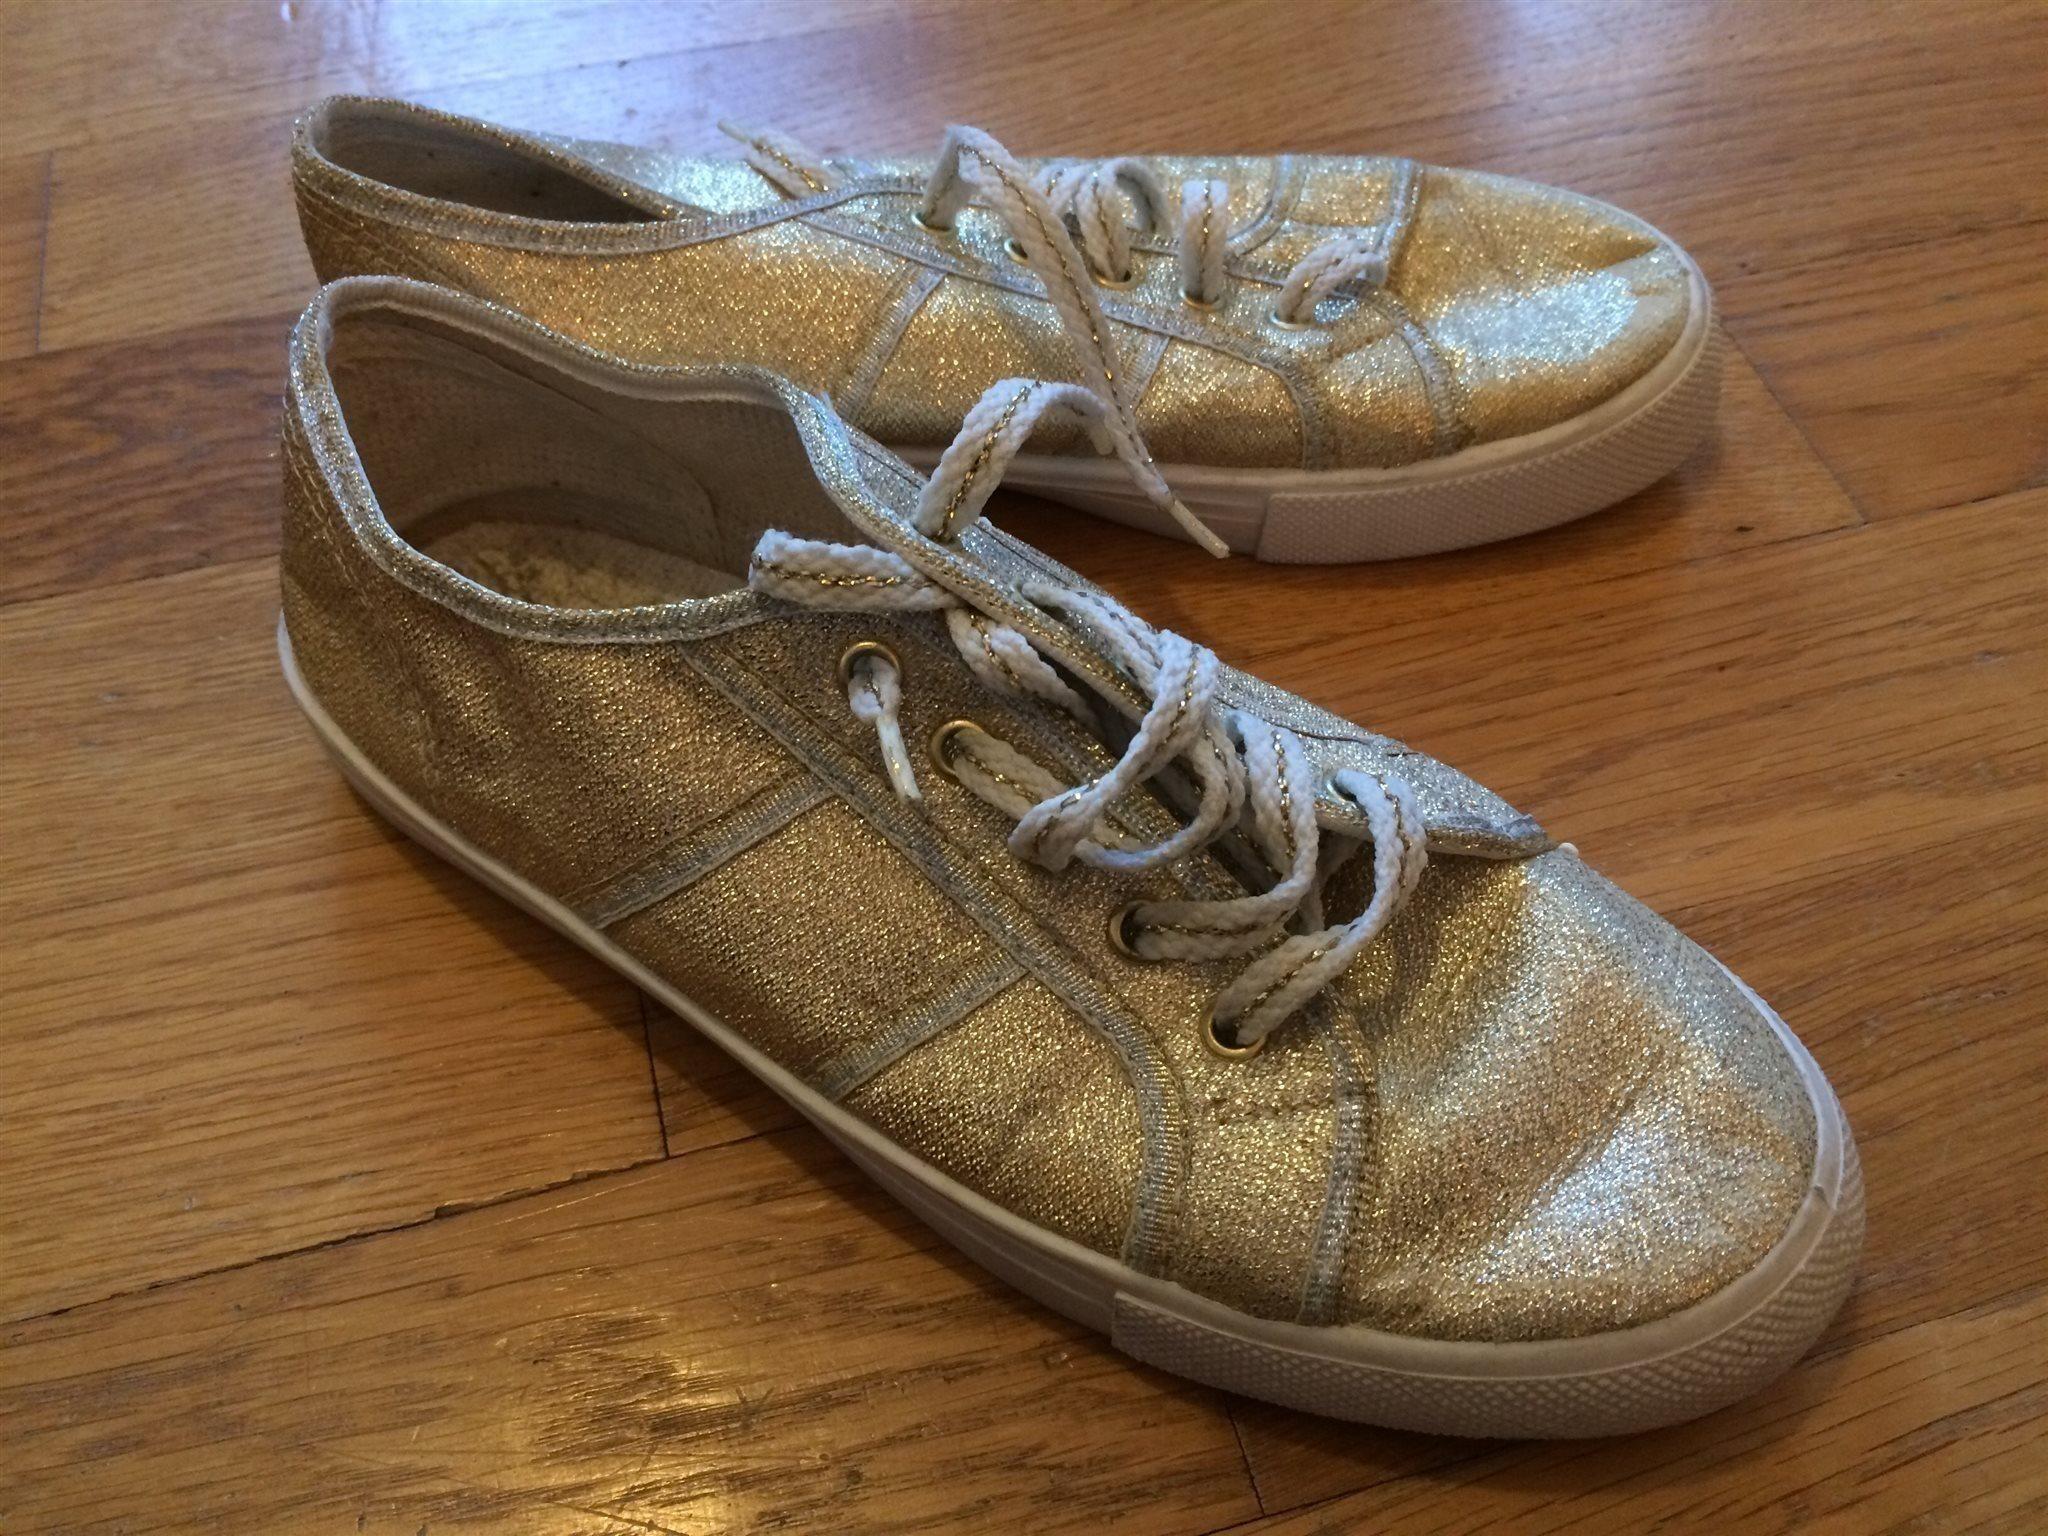 dc02cc7dbf1 Vintage guldfärgade sneakers strl 37 GULDSKOR! (343222274) ᐈ Köp på ...